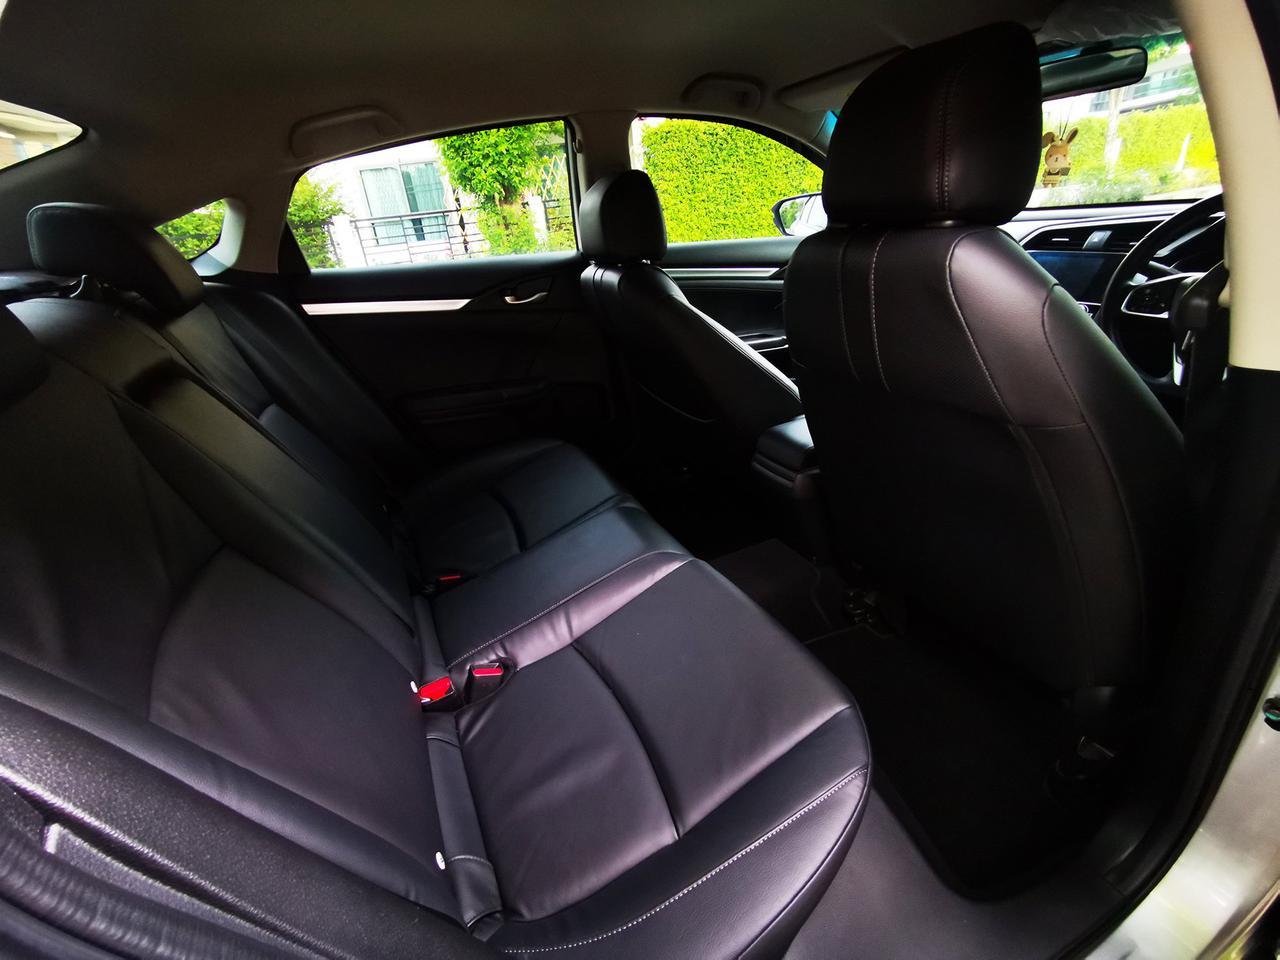 ขายรถ ฟรีดาวน์ Honda Civic รุ่นท๊อปสุด 1.8 EL ปี 2017 ไมล์แท้ เข้าศูนย์ตลอด มือเดียวจากป้ายแดง รูปที่ 4